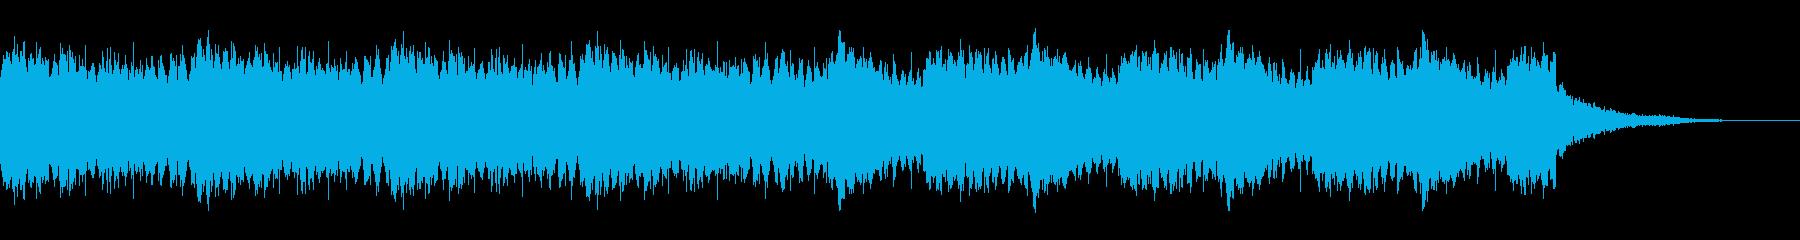 【ホラー・SF系】都会、サスペンスBGMの再生済みの波形